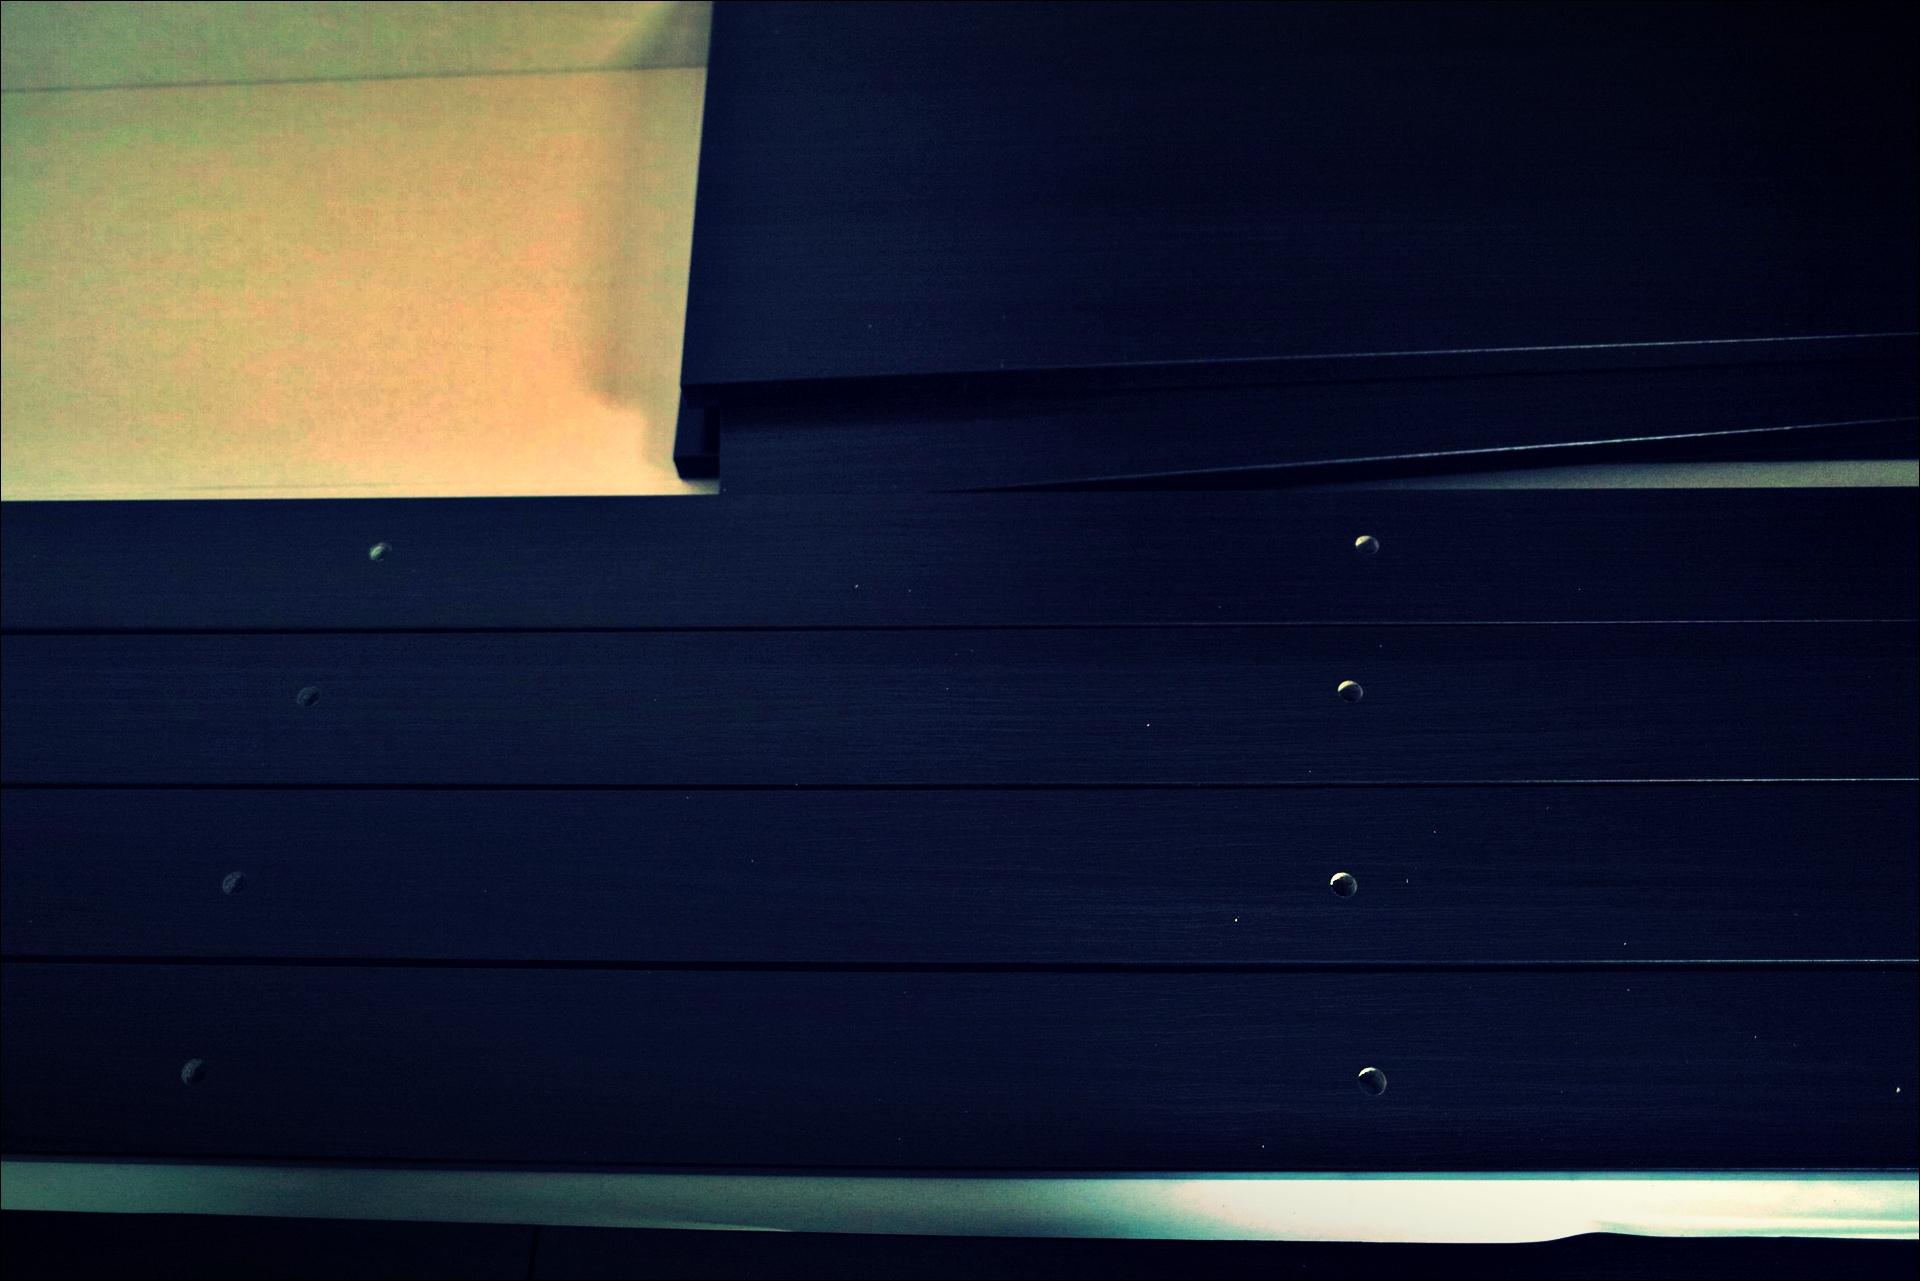 부품-'이케아 가구 조립 노하우. How to assemble ikea furnitures'